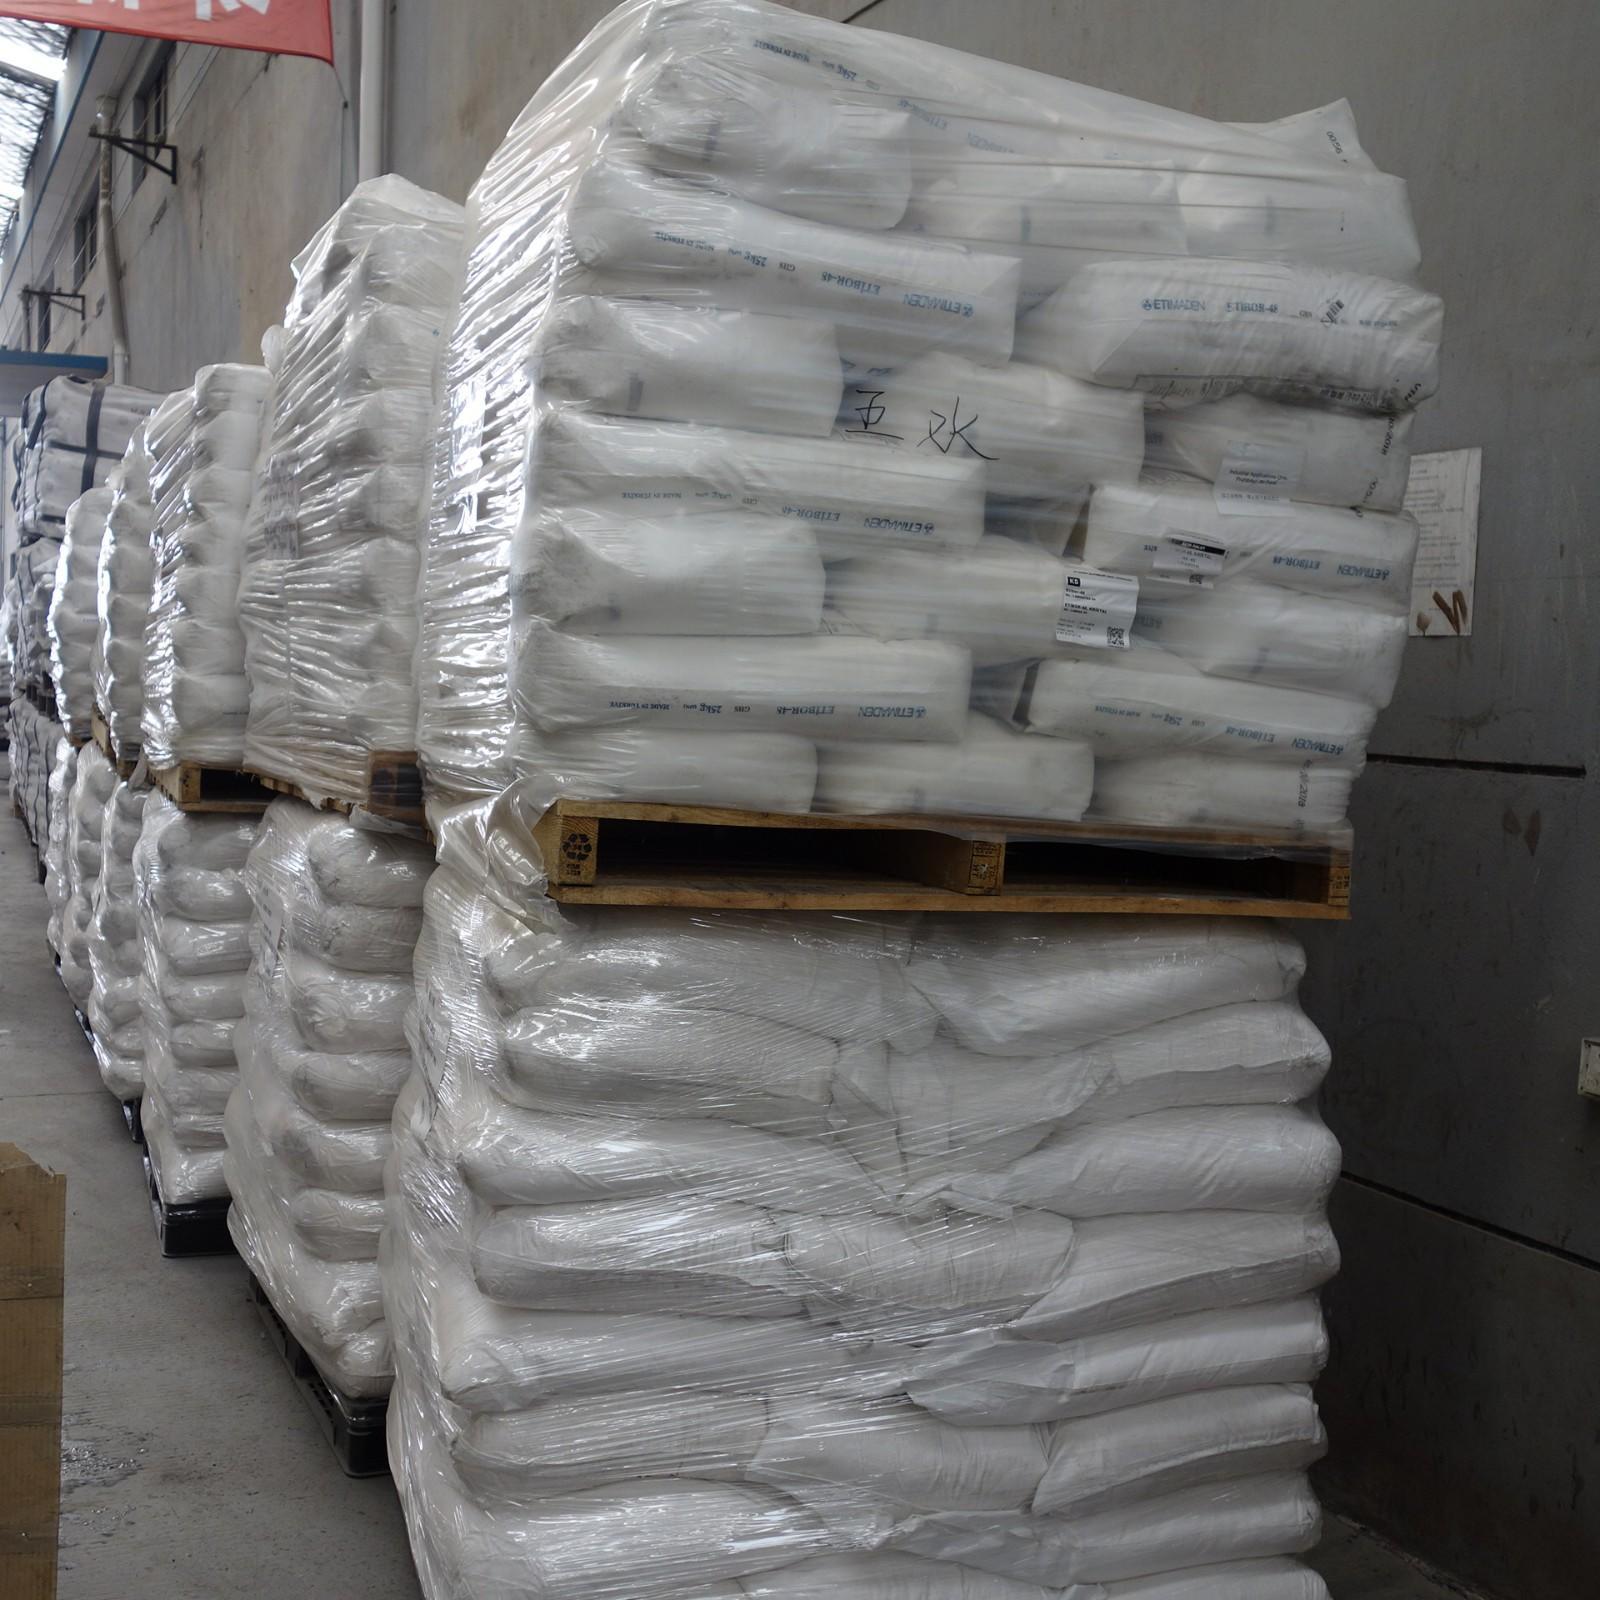 Yixin boric acid mix to kill ants company for Daily necessities-2